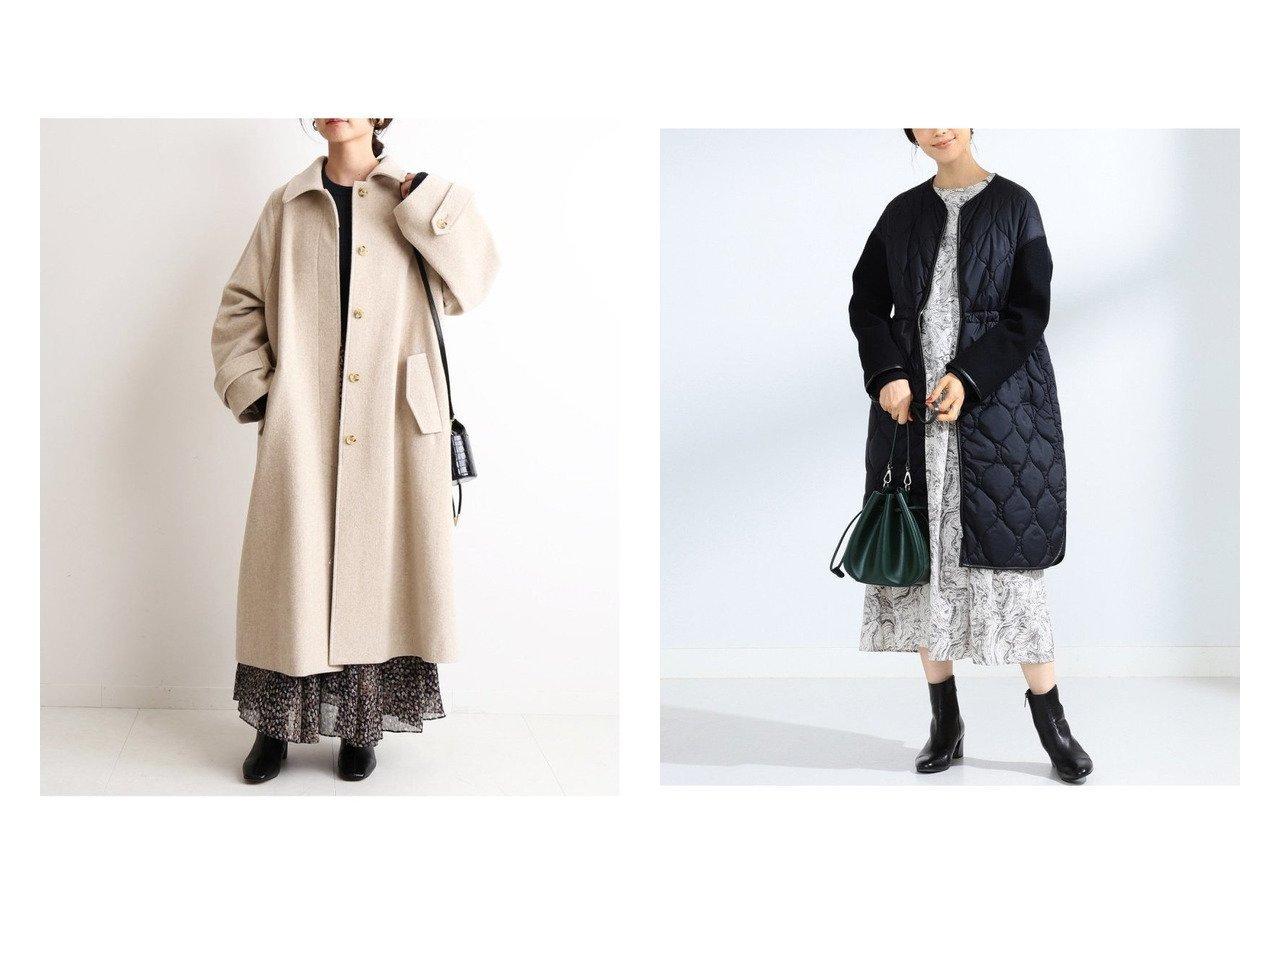 【SLOBE IENA/スローブ イエナ】のSUPER100 ステンカラーコート&【Ray BEAMS/レイ ビームス】の袖キリカエ キルティング コート アウターのおすすめ!人気、レディースファッションの通販 おすすめファッション通販アイテム インテリア・キッズ・メンズ・レディースファッション・服の通販 founy(ファニー) ファッション Fashion レディース WOMEN アウター Coat Outerwear コート Coats ジャケット Jackets ジャケット ストライプ 定番 バランス フェミニン A/W 秋冬 Autumn & Winter キルティング スウェット スリット パイピング 冬 Winter グレー系 Gray ブラック系 Black ベージュ系 Beige |ID:crp329100000004988